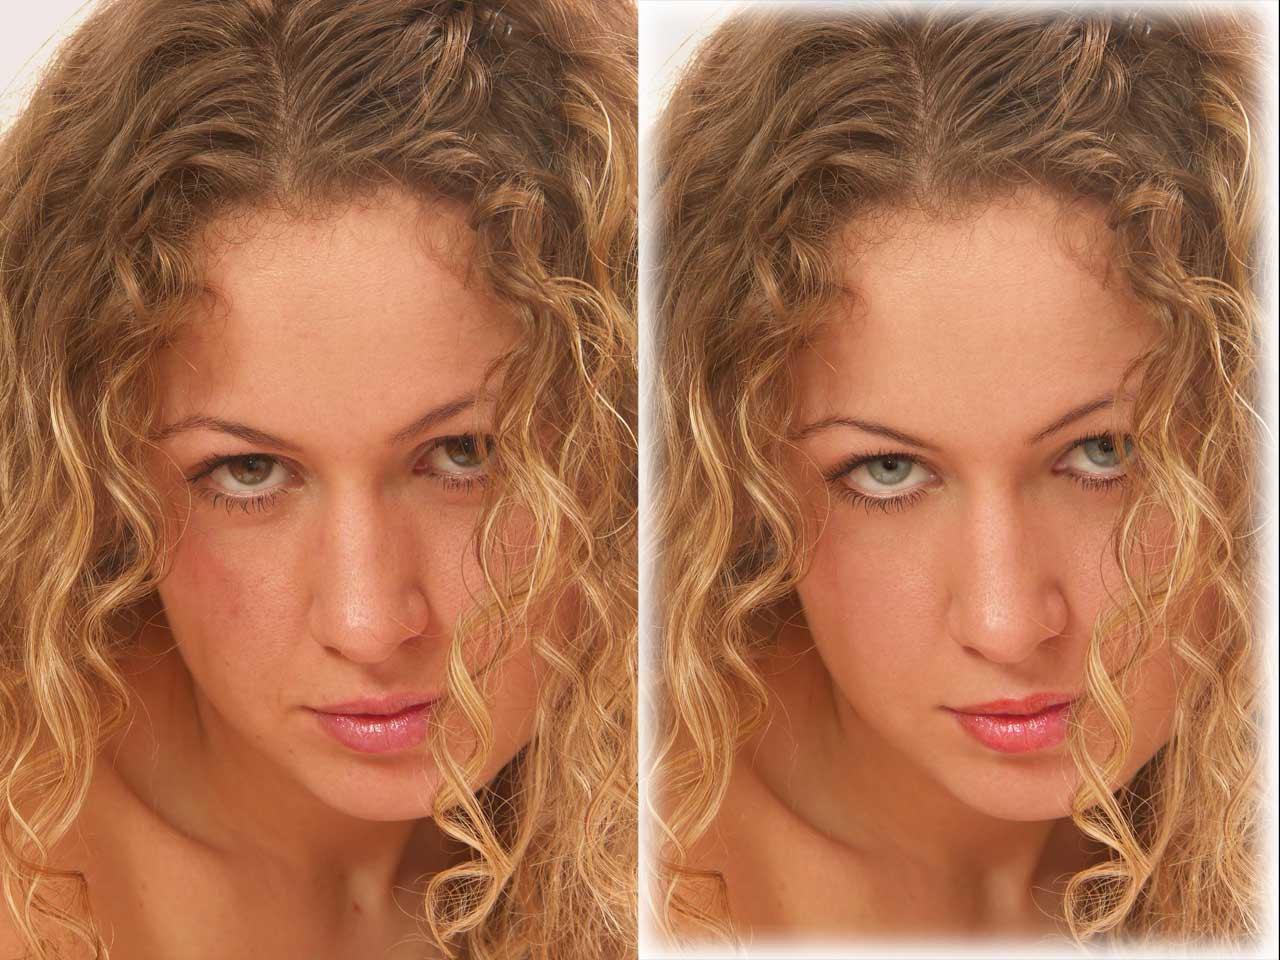 Насколько допустим фотошоп для обработки фото?